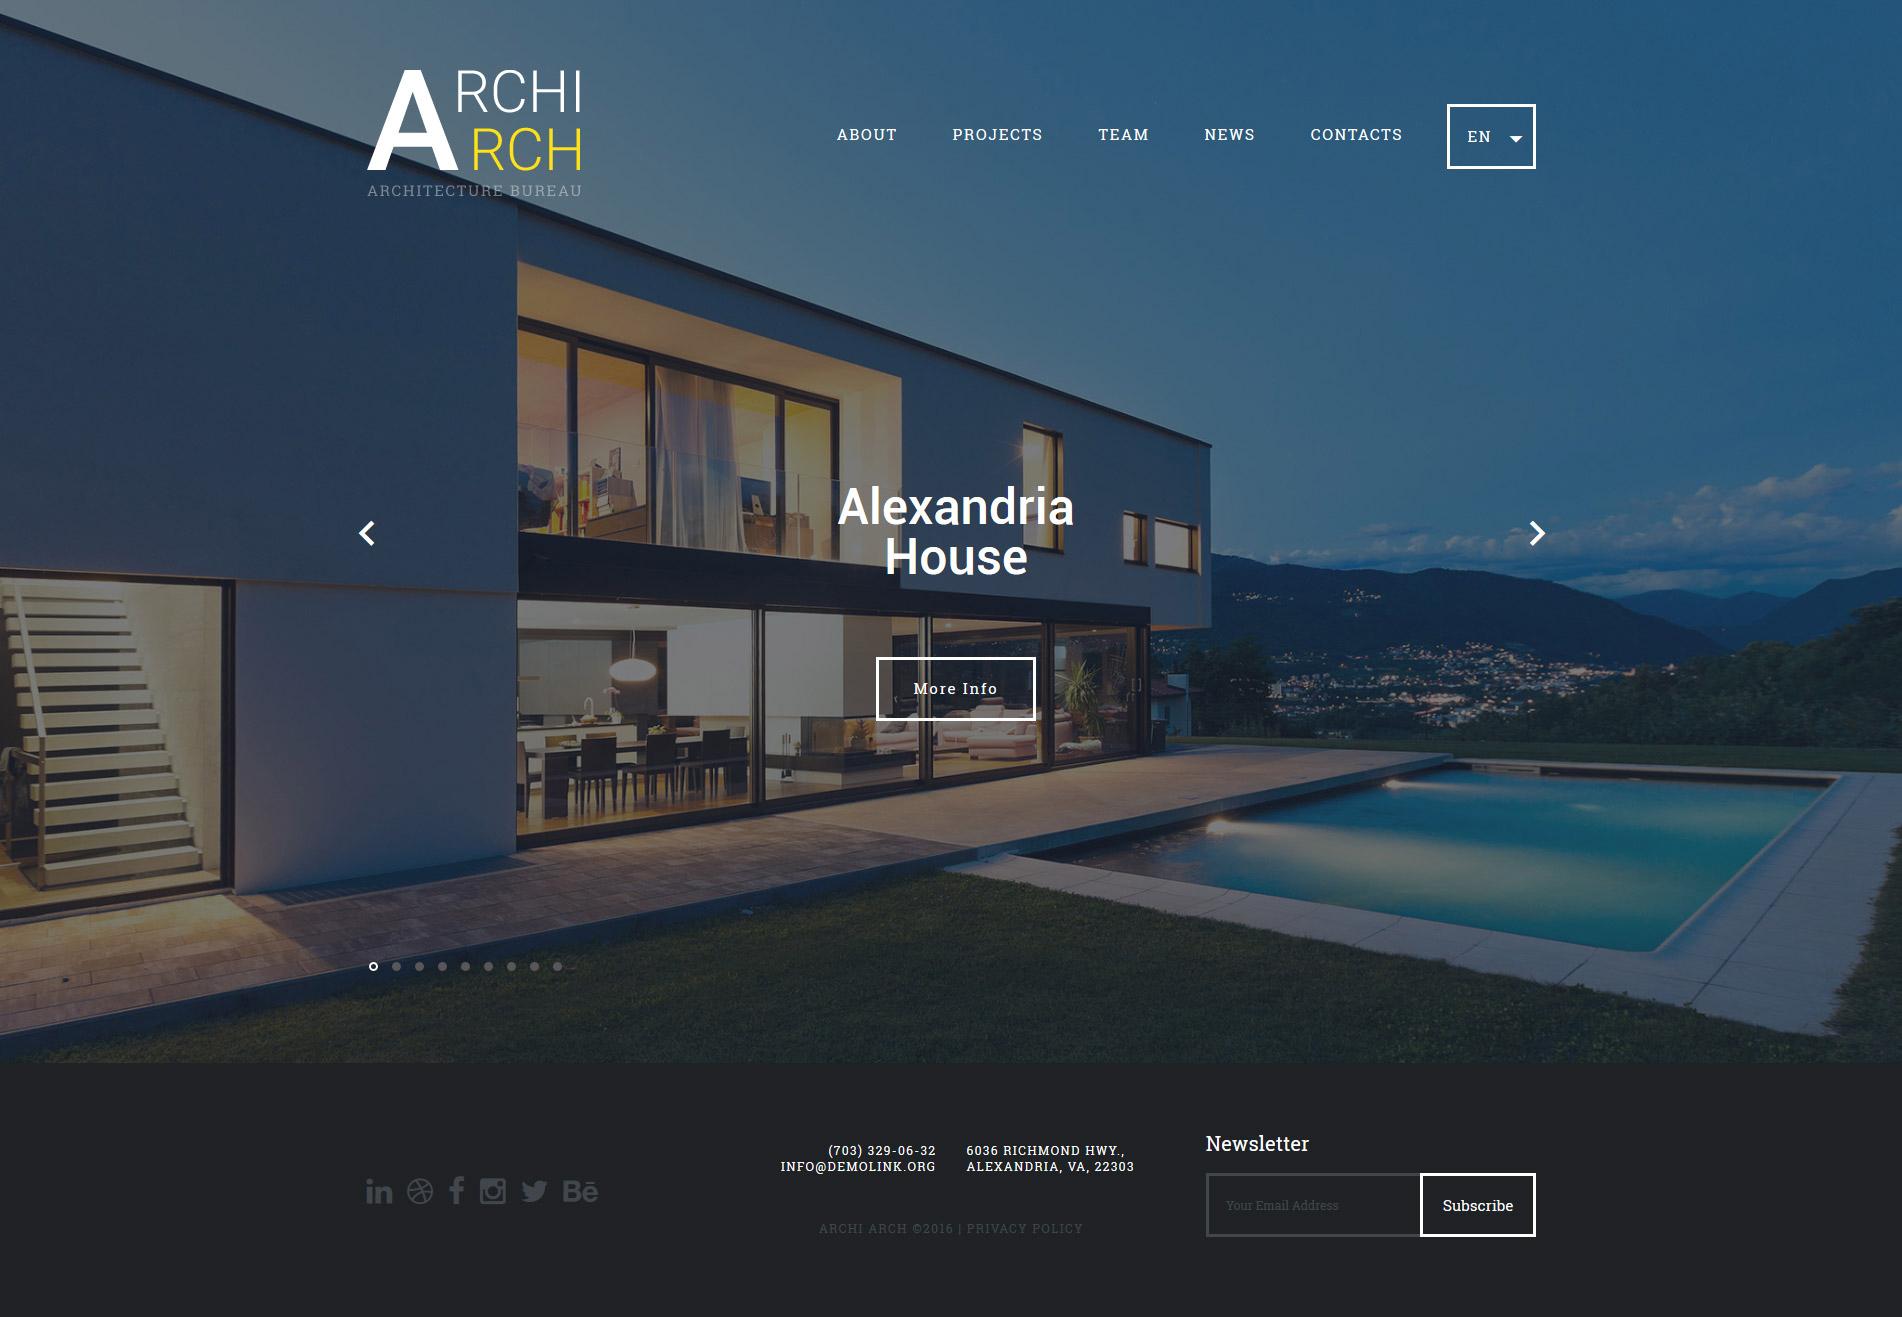 """""""ArchiArch"""" modèle web adaptatif #58314 - screenshot"""